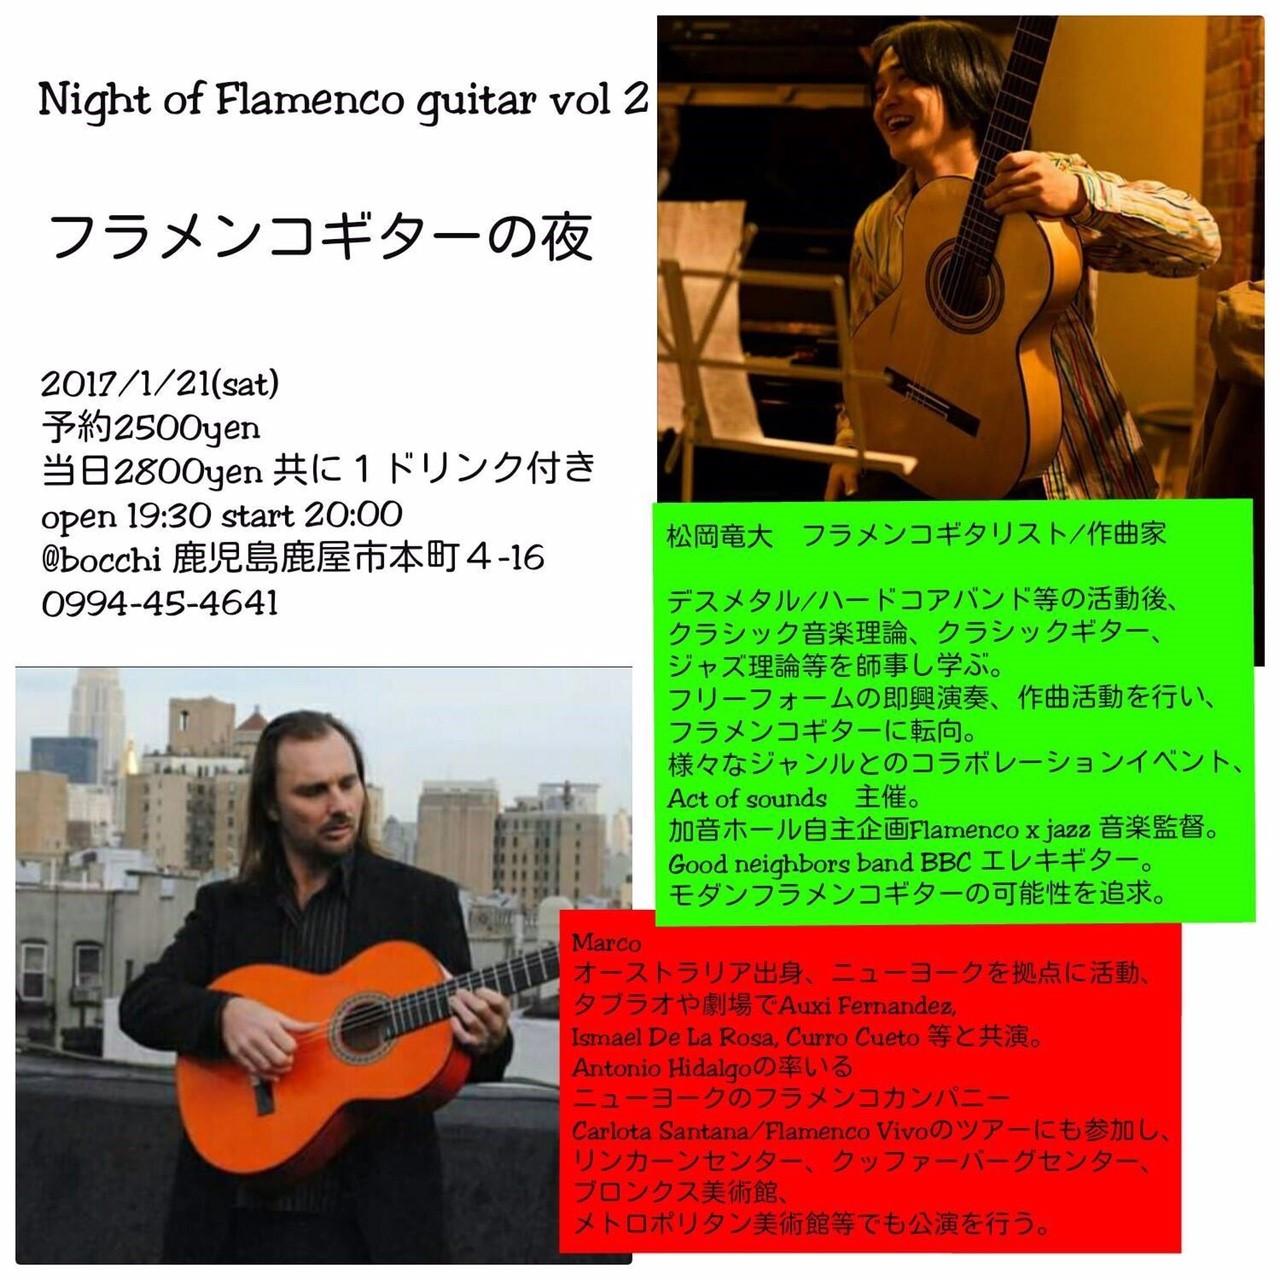 2017121 フラメンコギターの夜_170928_0006